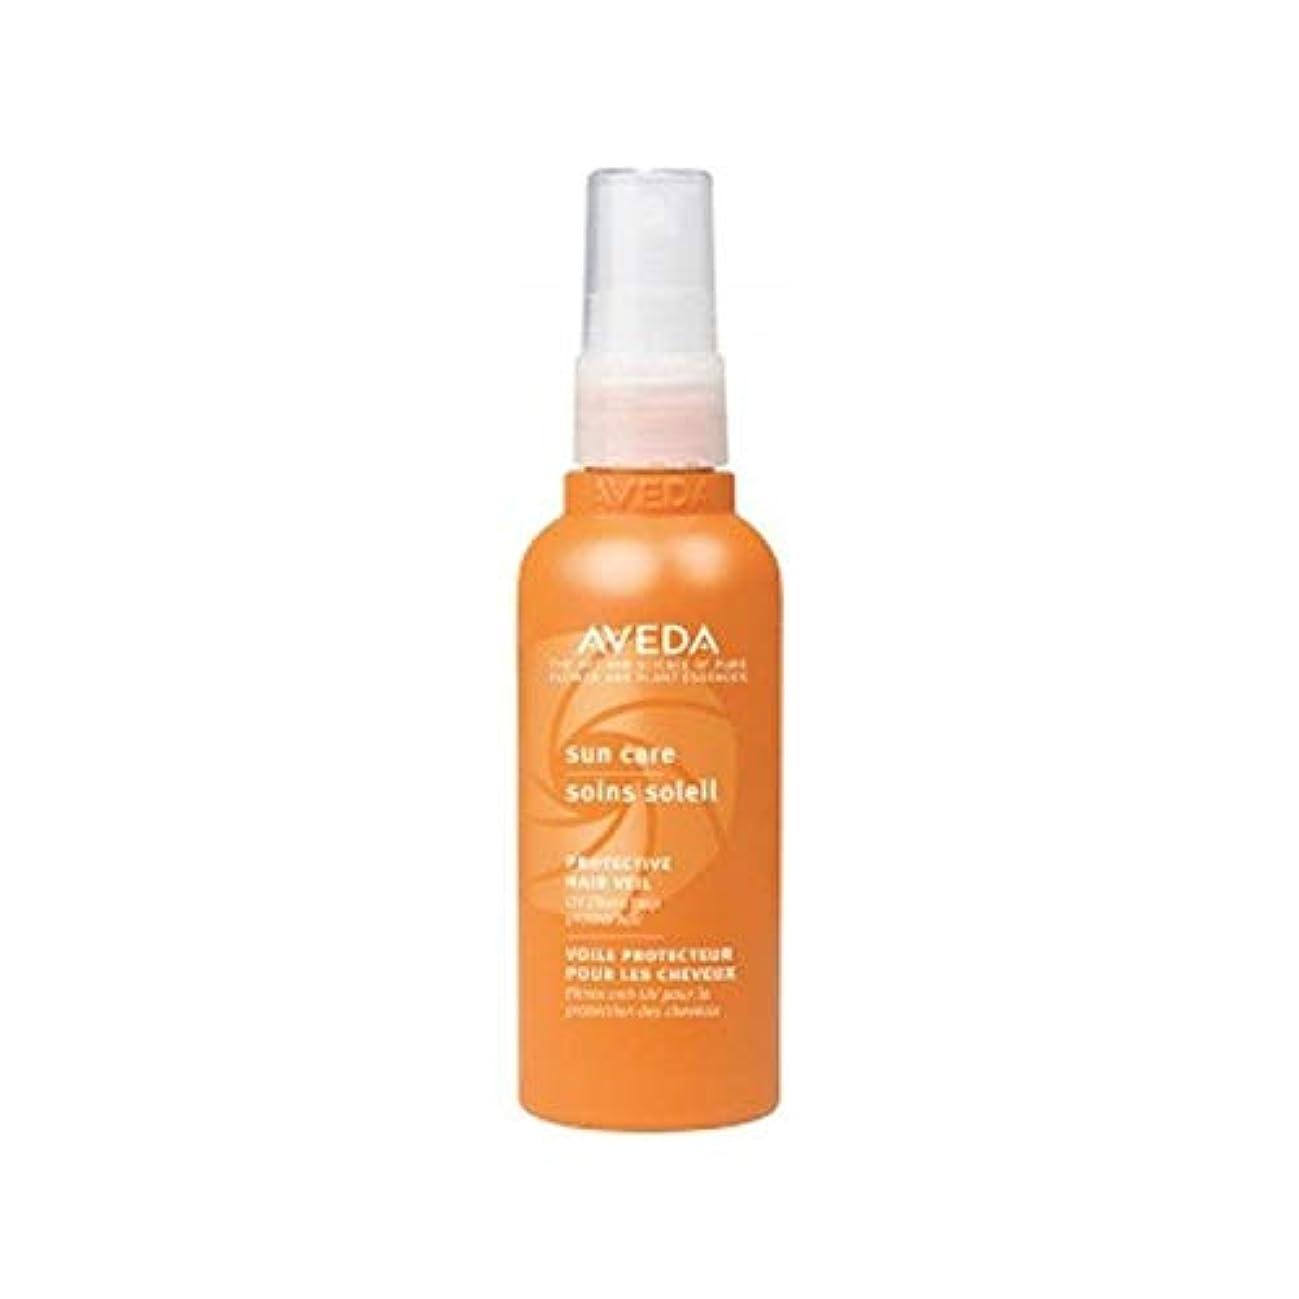 神経衰弱馬鹿げたカラス[AVEDA ] アヴェダサンケア保護髪のベール(100ミリリットル) - Aveda Sun Care Protective Hair Veil (100ml) [並行輸入品]